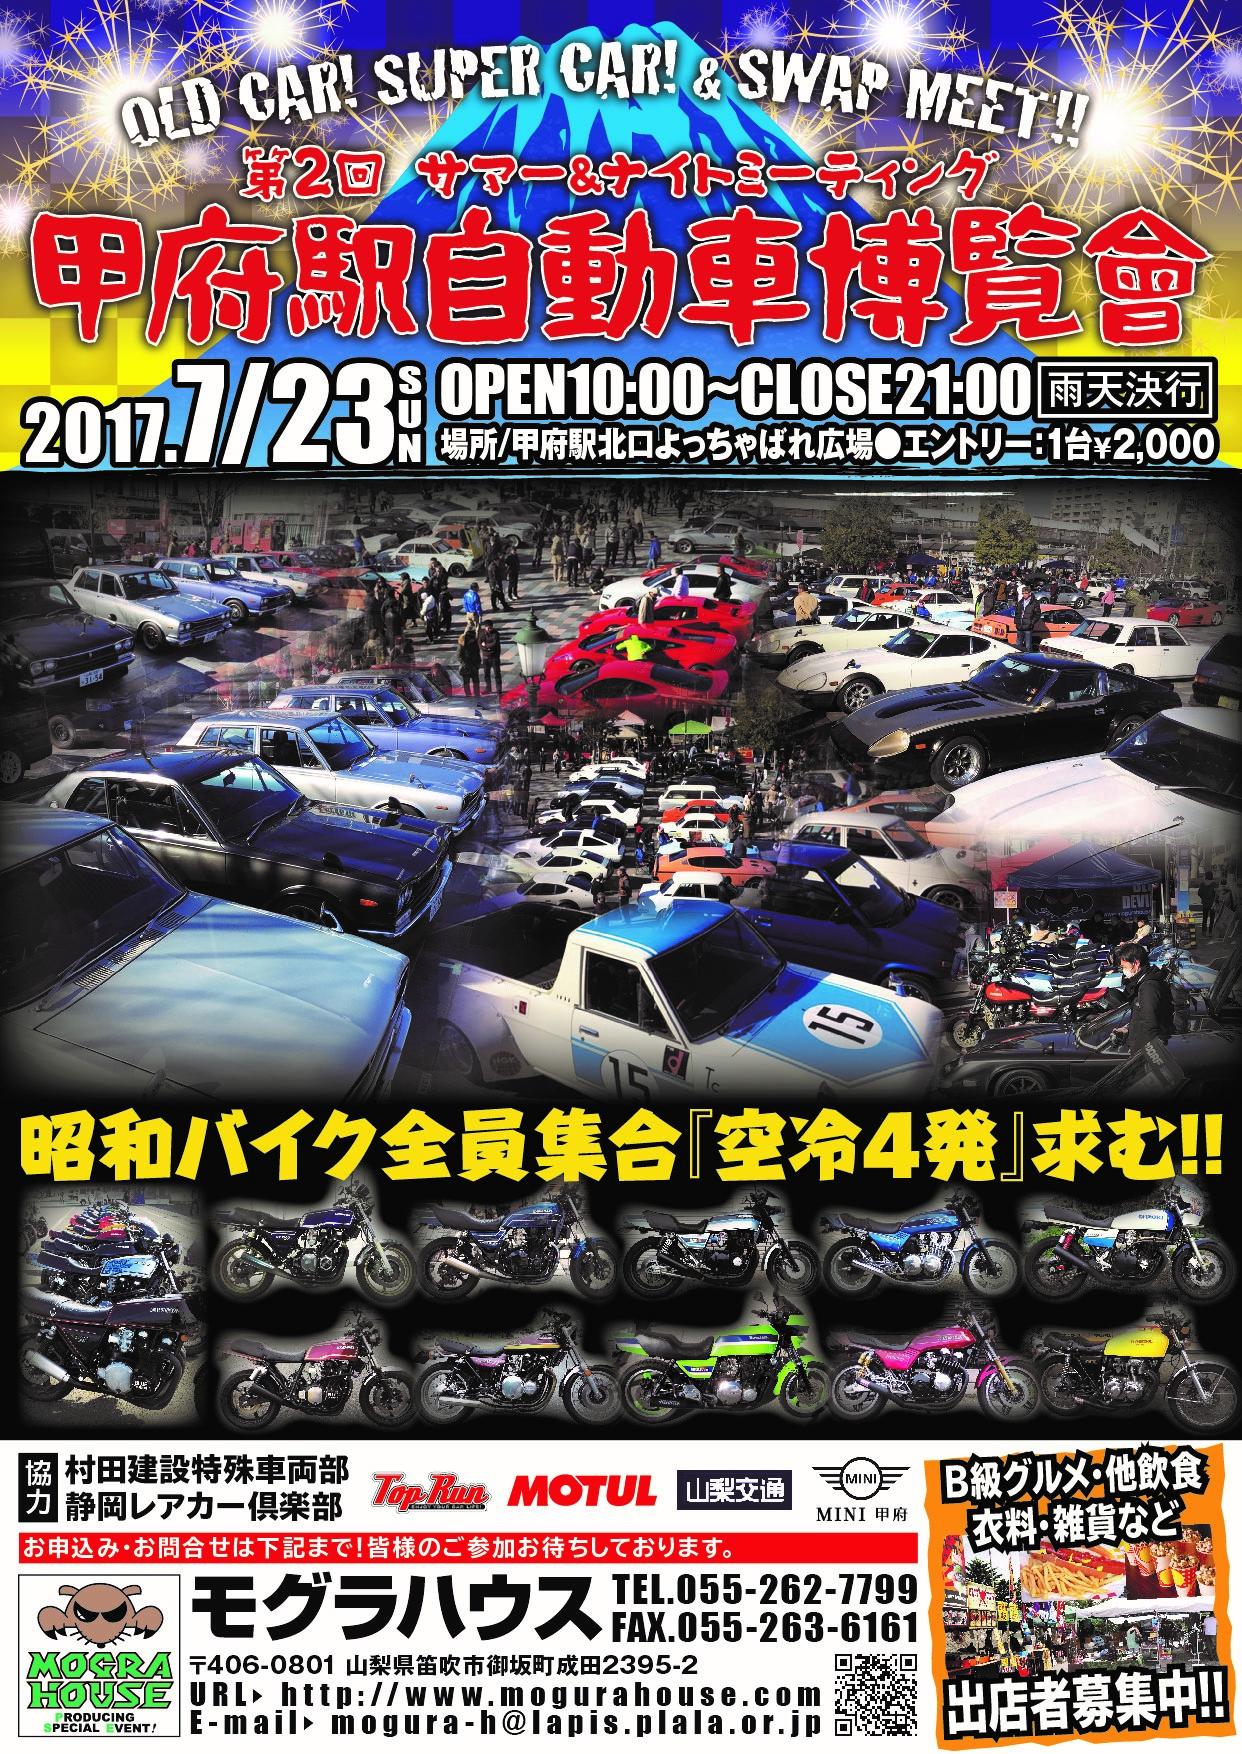 第2回 甲府駅自動車博覧会